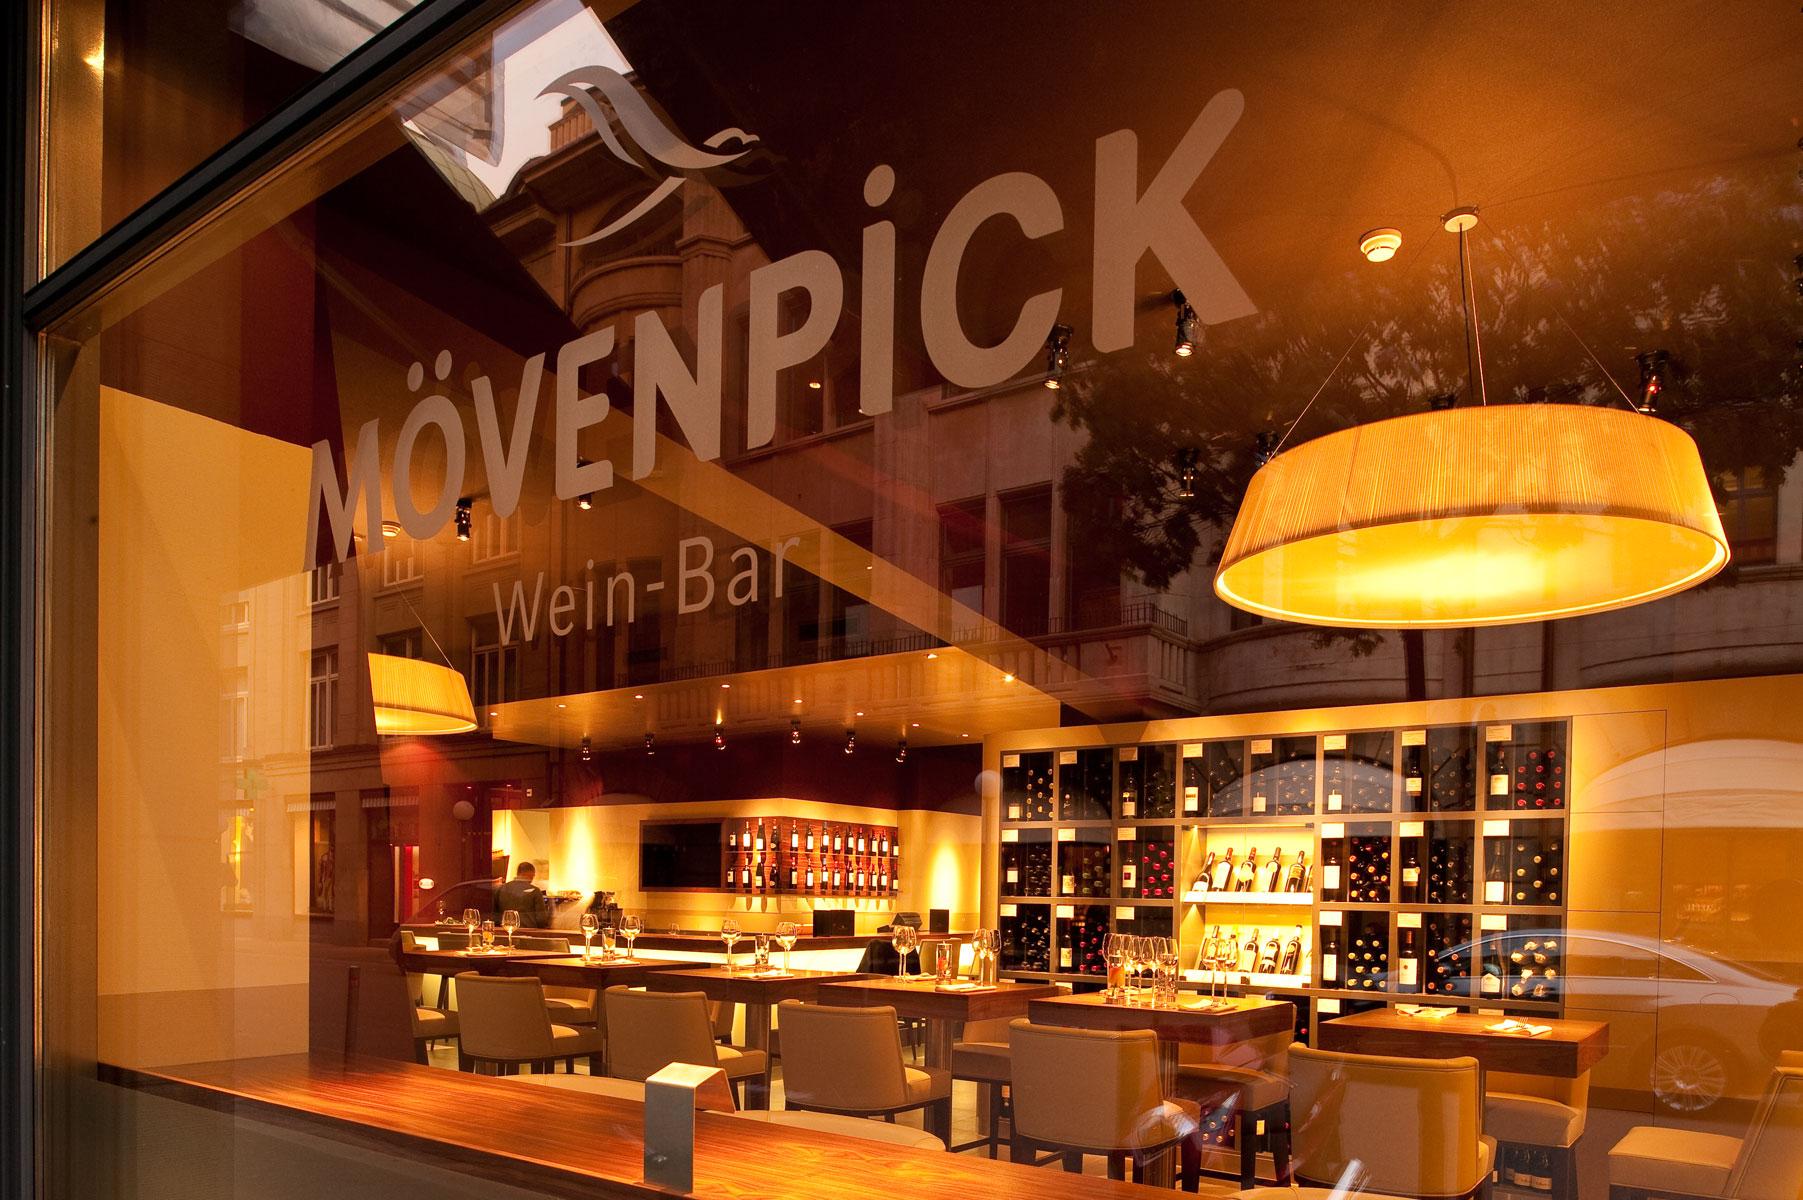 Mövenpick Wein Bar, Zürich | Wallimann Konzepte & Planung GmbH